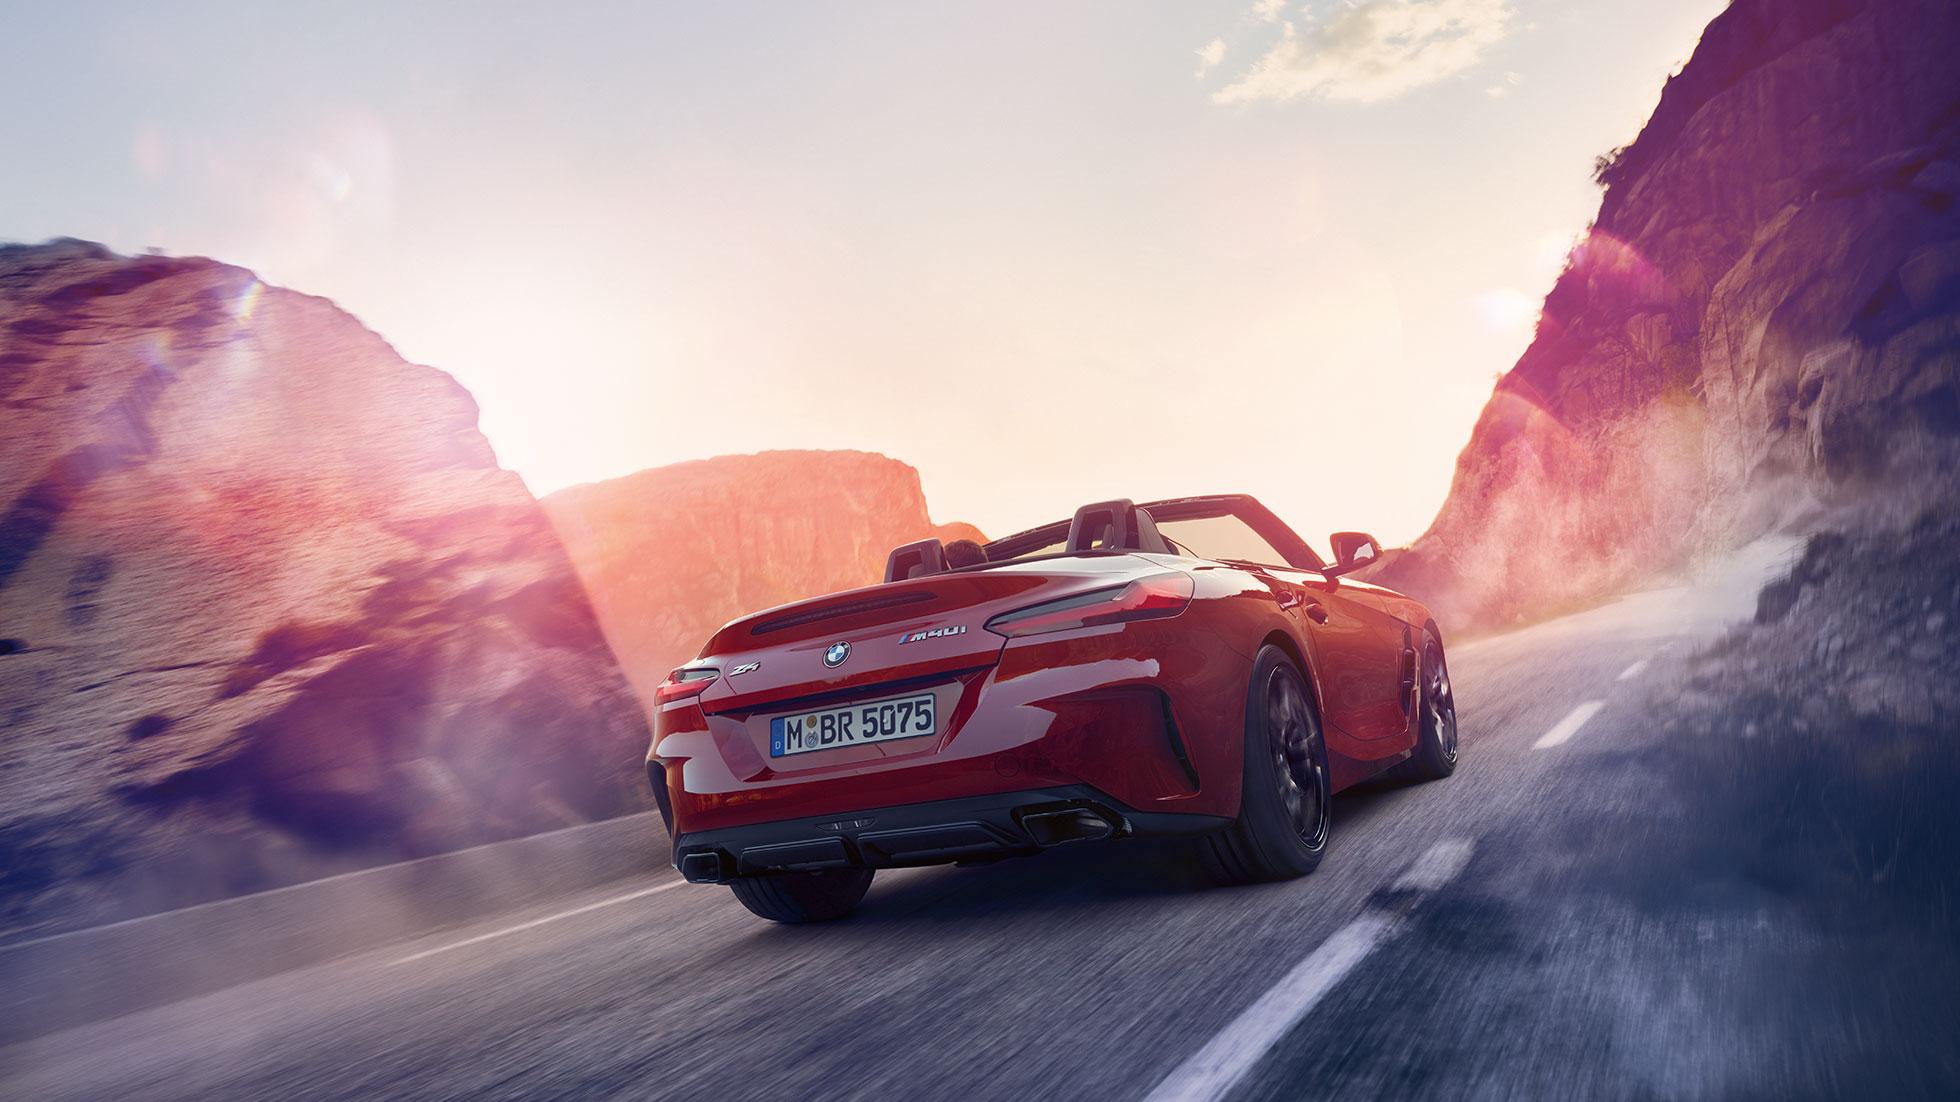 Bmw Z4 Roadster Modelle Technische Daten Preise Bmw De